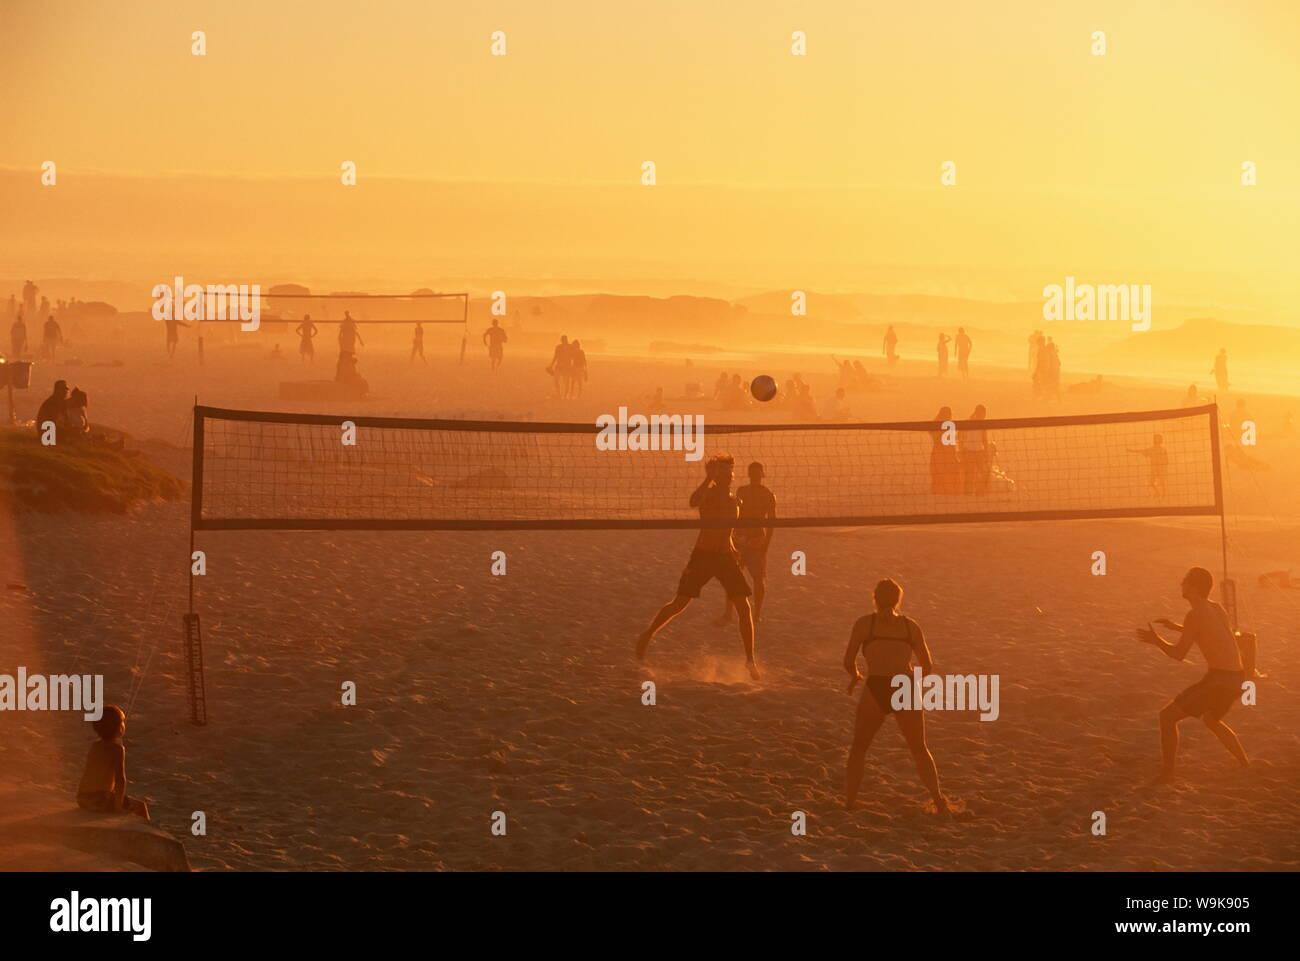 Jeu de volley-ball de plage, la fin de l'après-midi, Camps Bay, Cape Town, Afrique du Sud, l'Afrique Banque D'Images